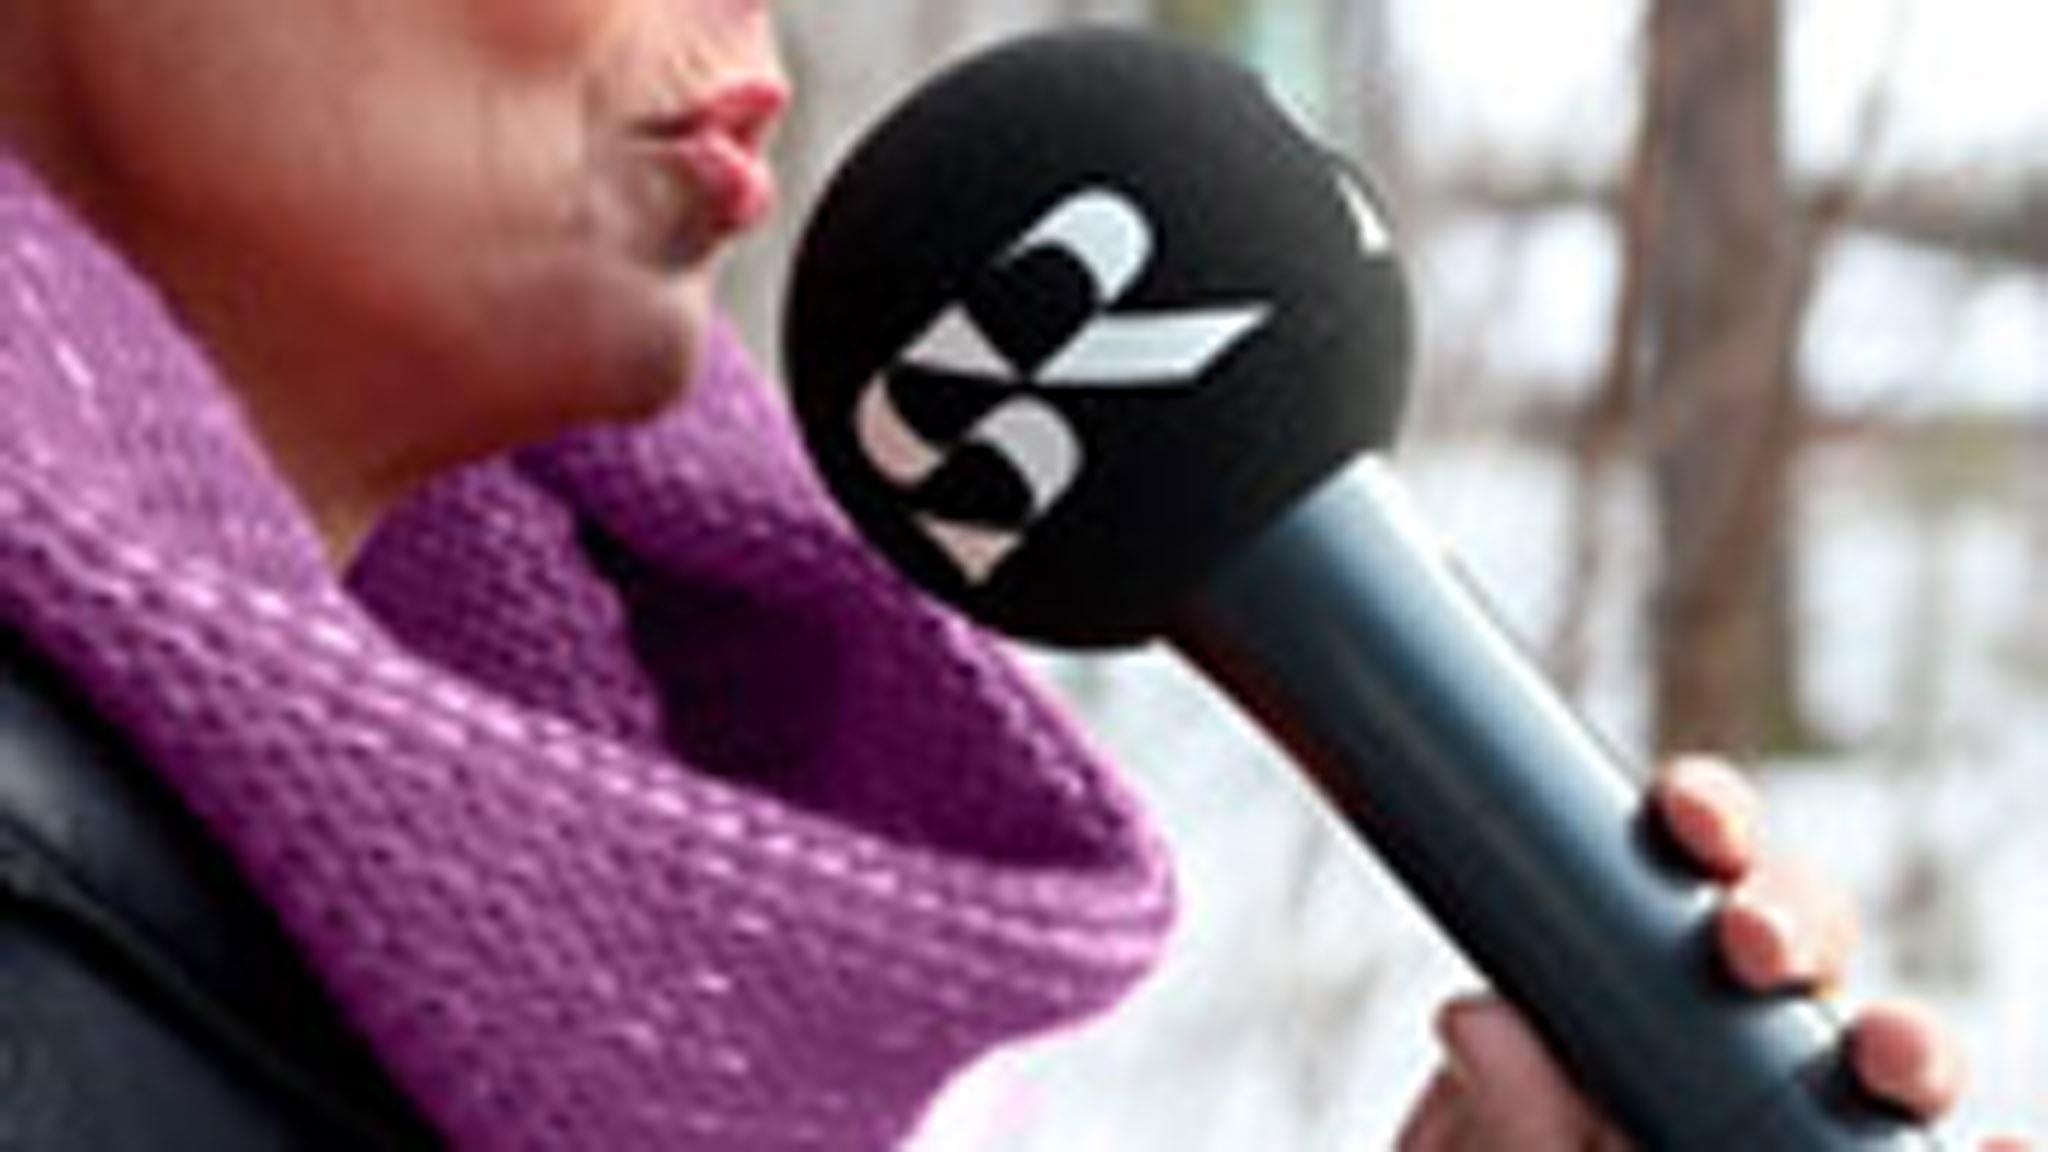 Nyheter P4 Västmanland